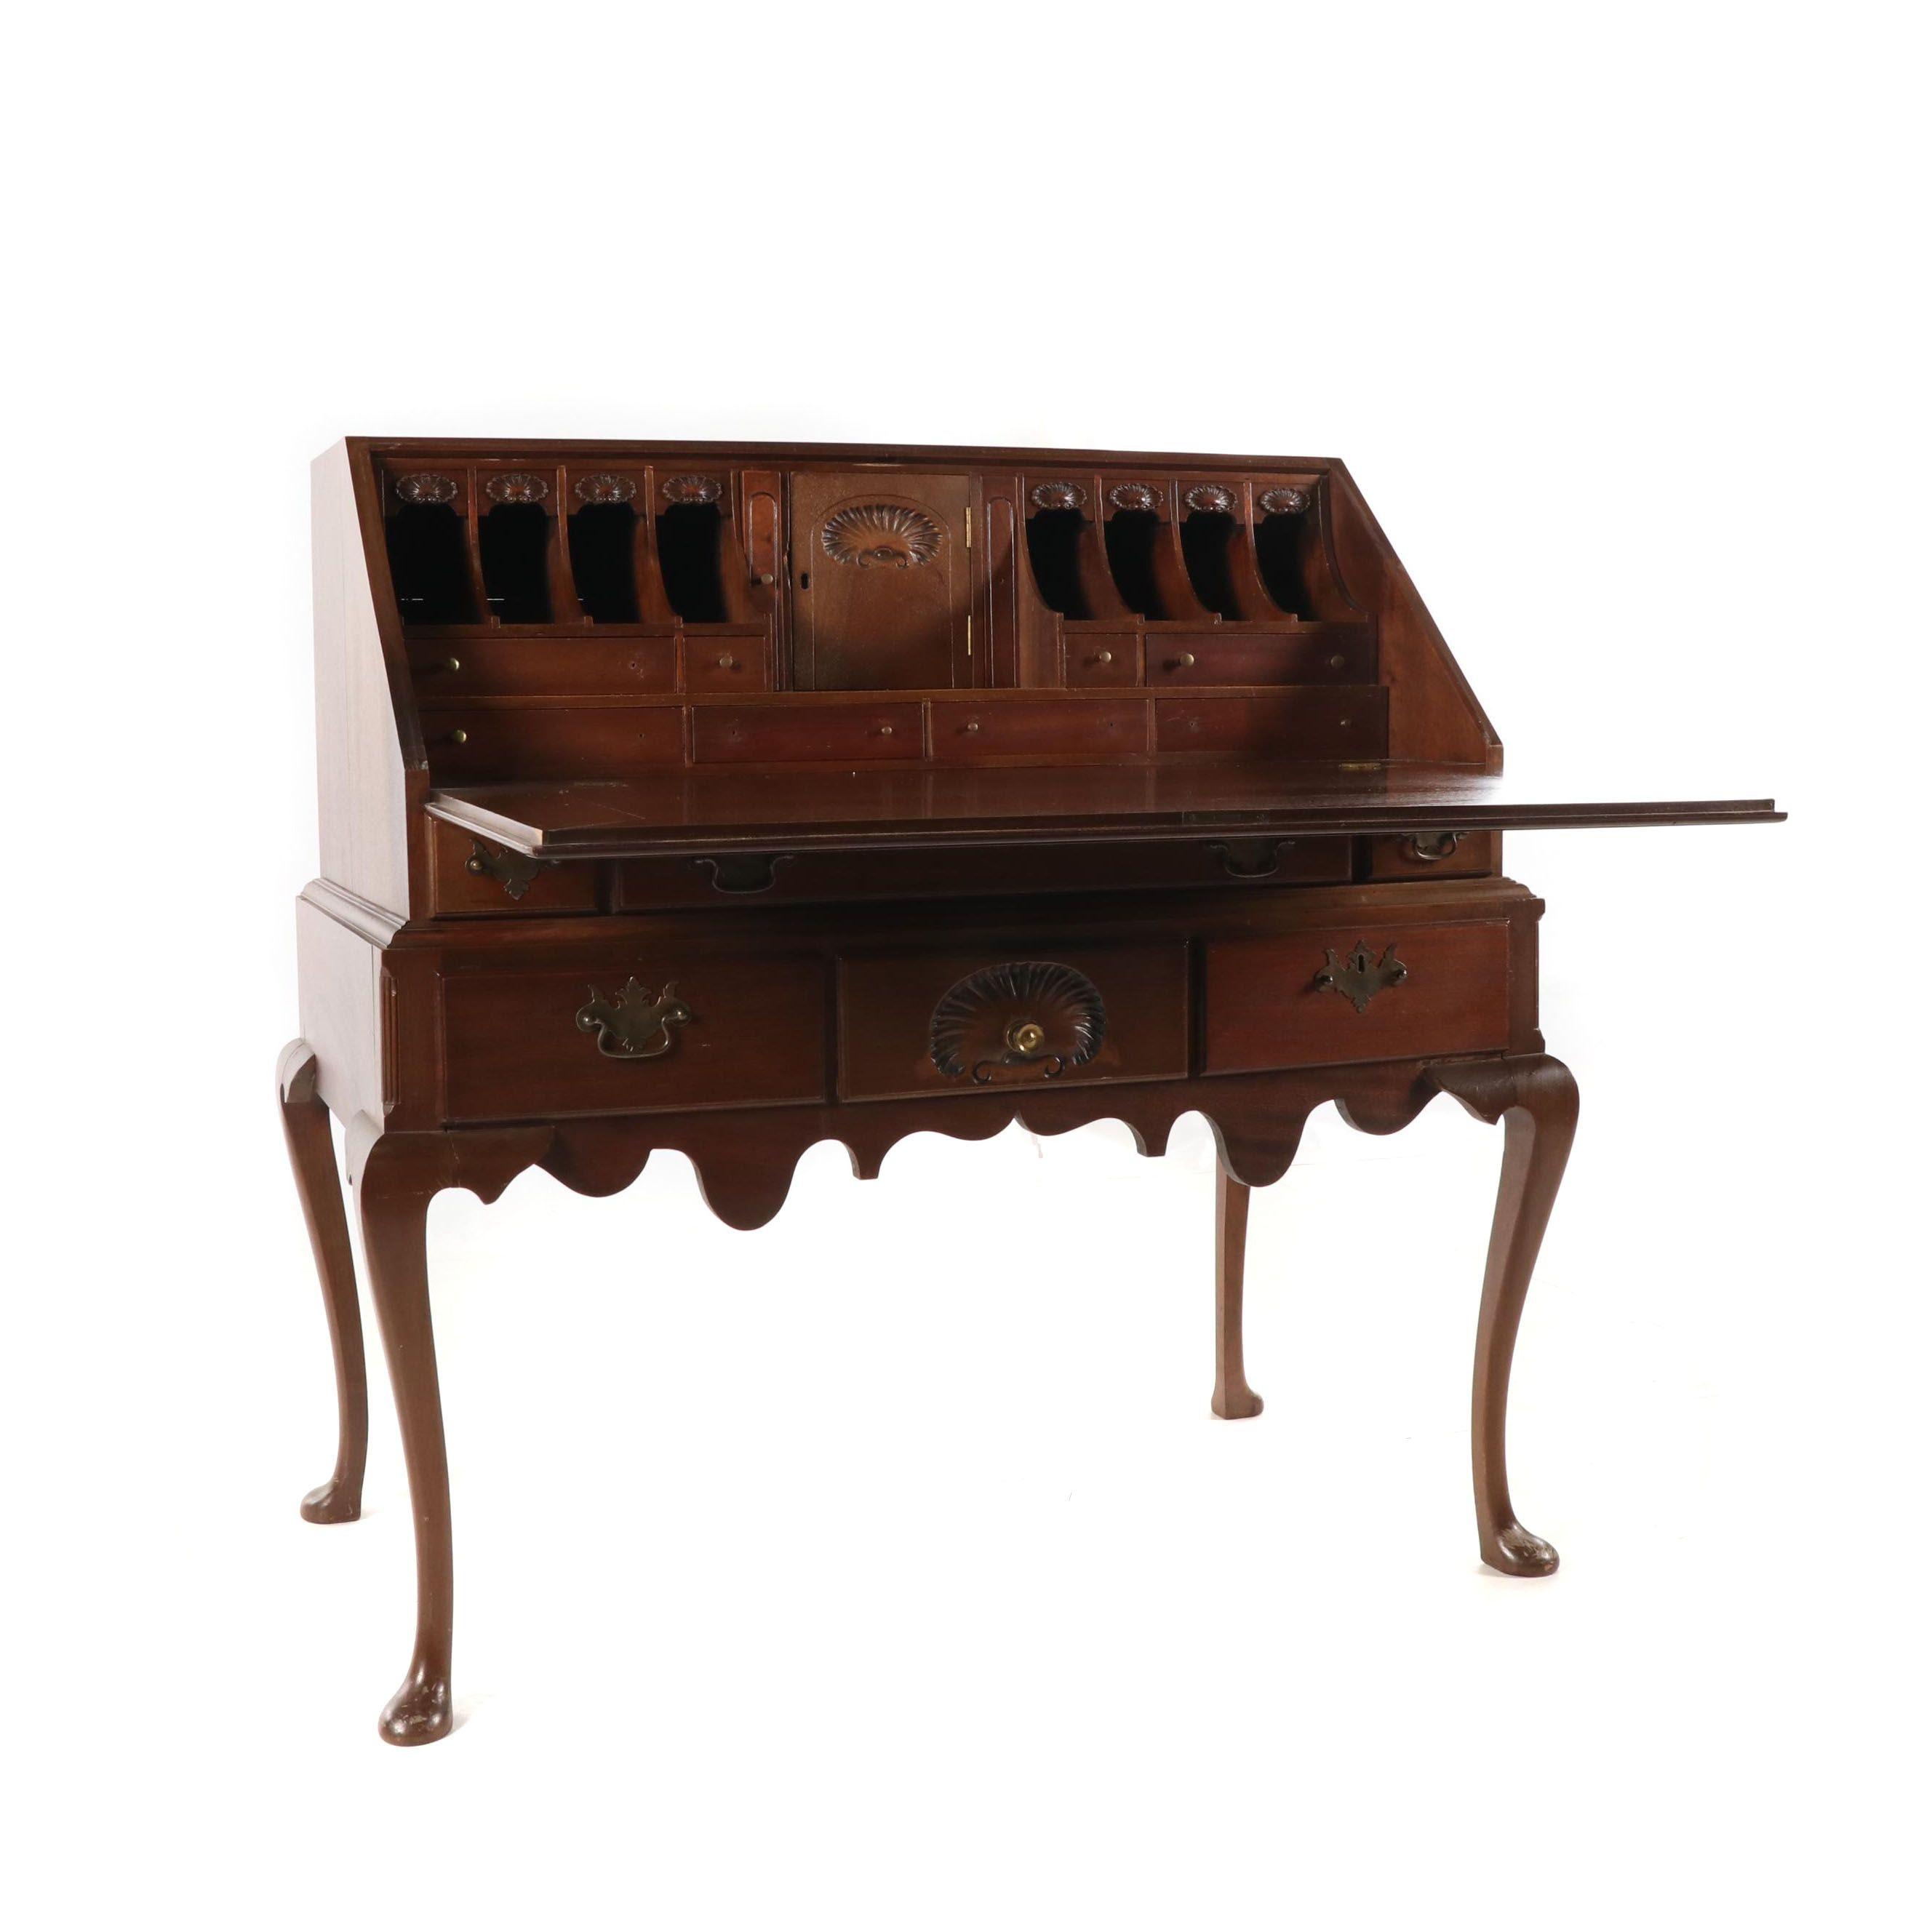 Queen Anne Style Walnut Drop Front Secretary Desk, Early 20th Century